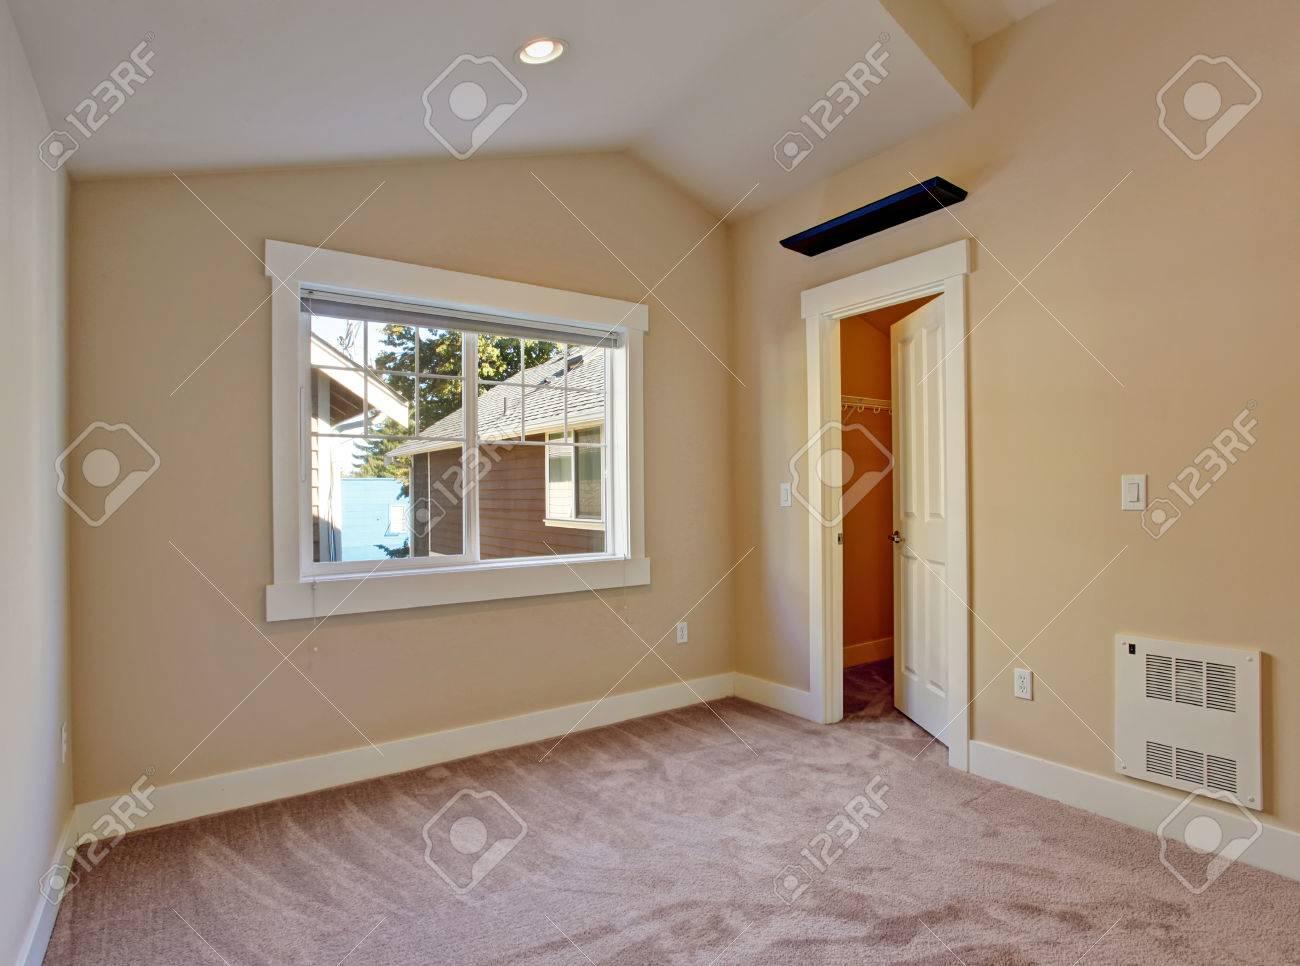 camera da letto vuota in toni avorio e marrone chiaro con cabina ... - Camera Da Letto Avorio